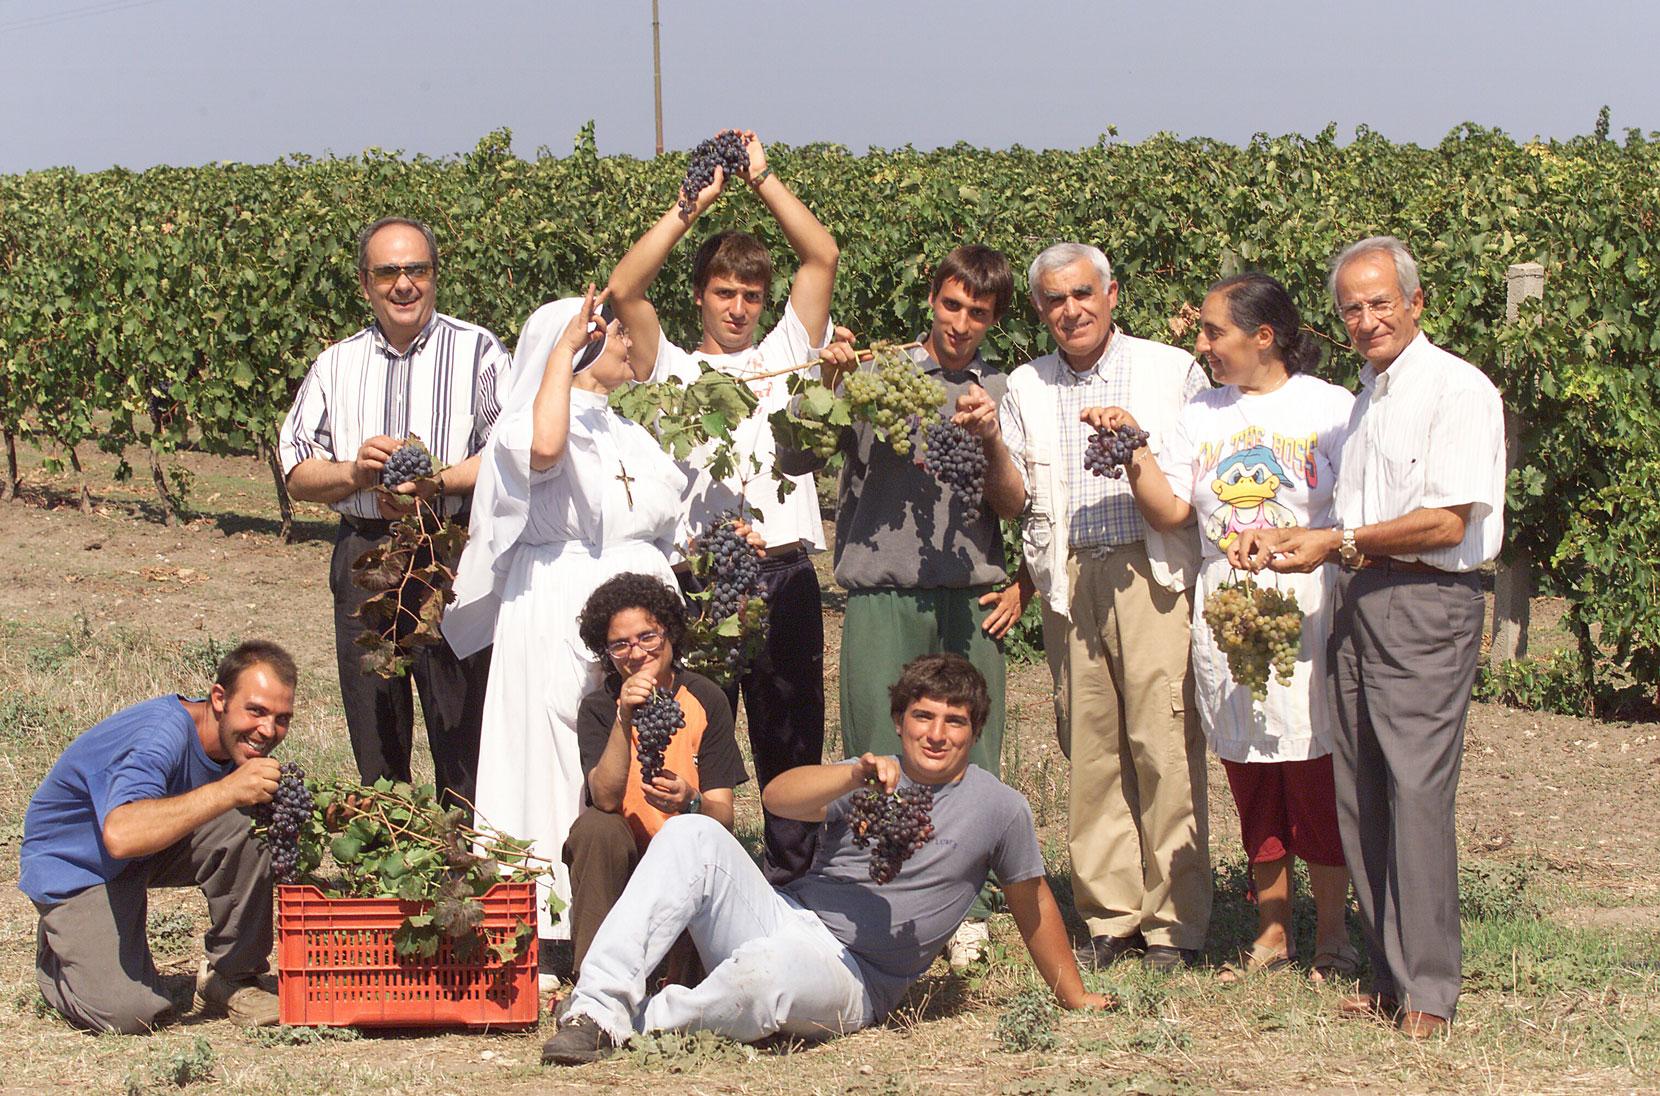 Ragazzi comunità vini Evaristiano